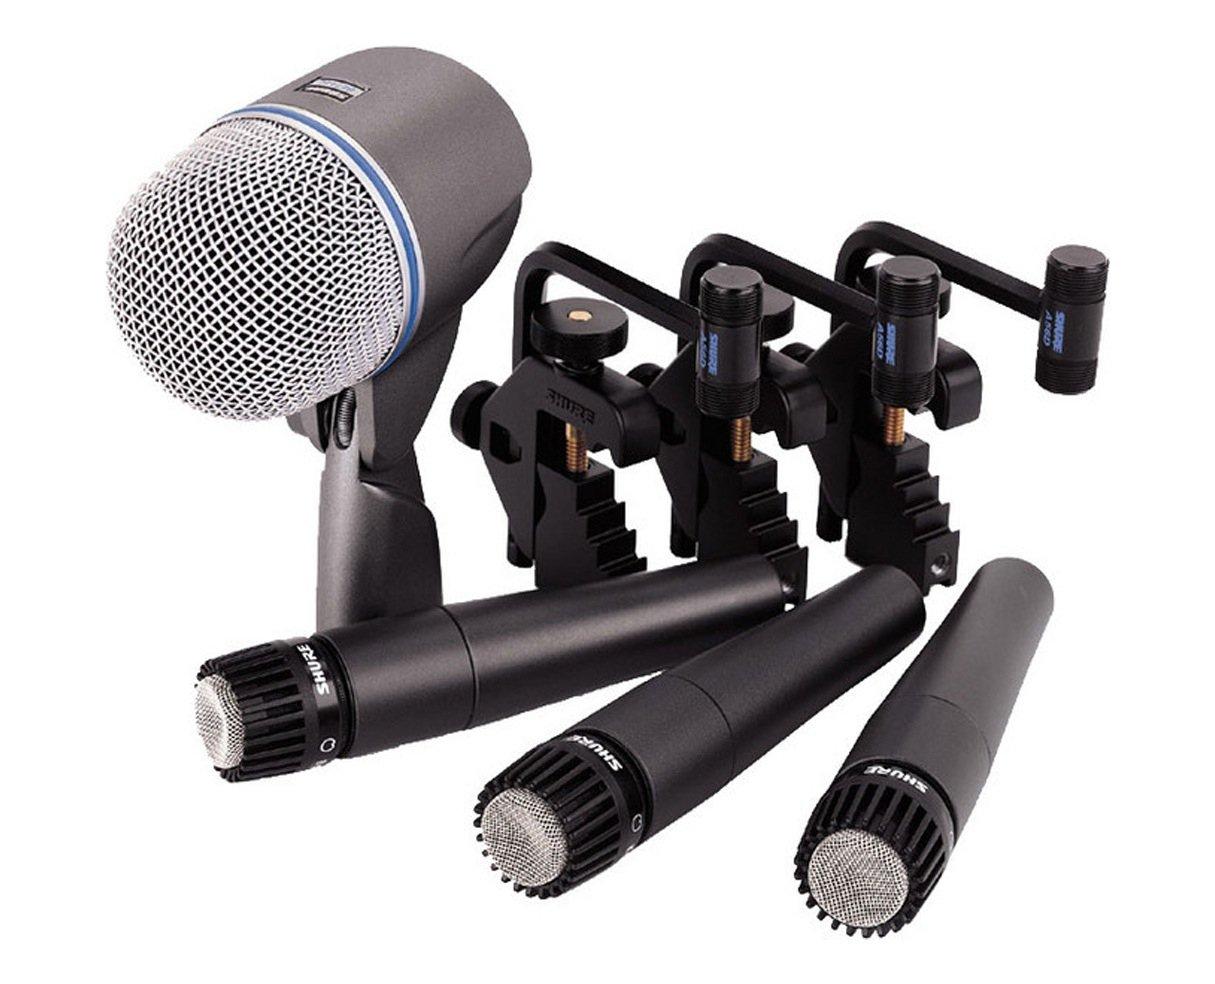 Microfono Shure DMK57-52 Drum  Kit...